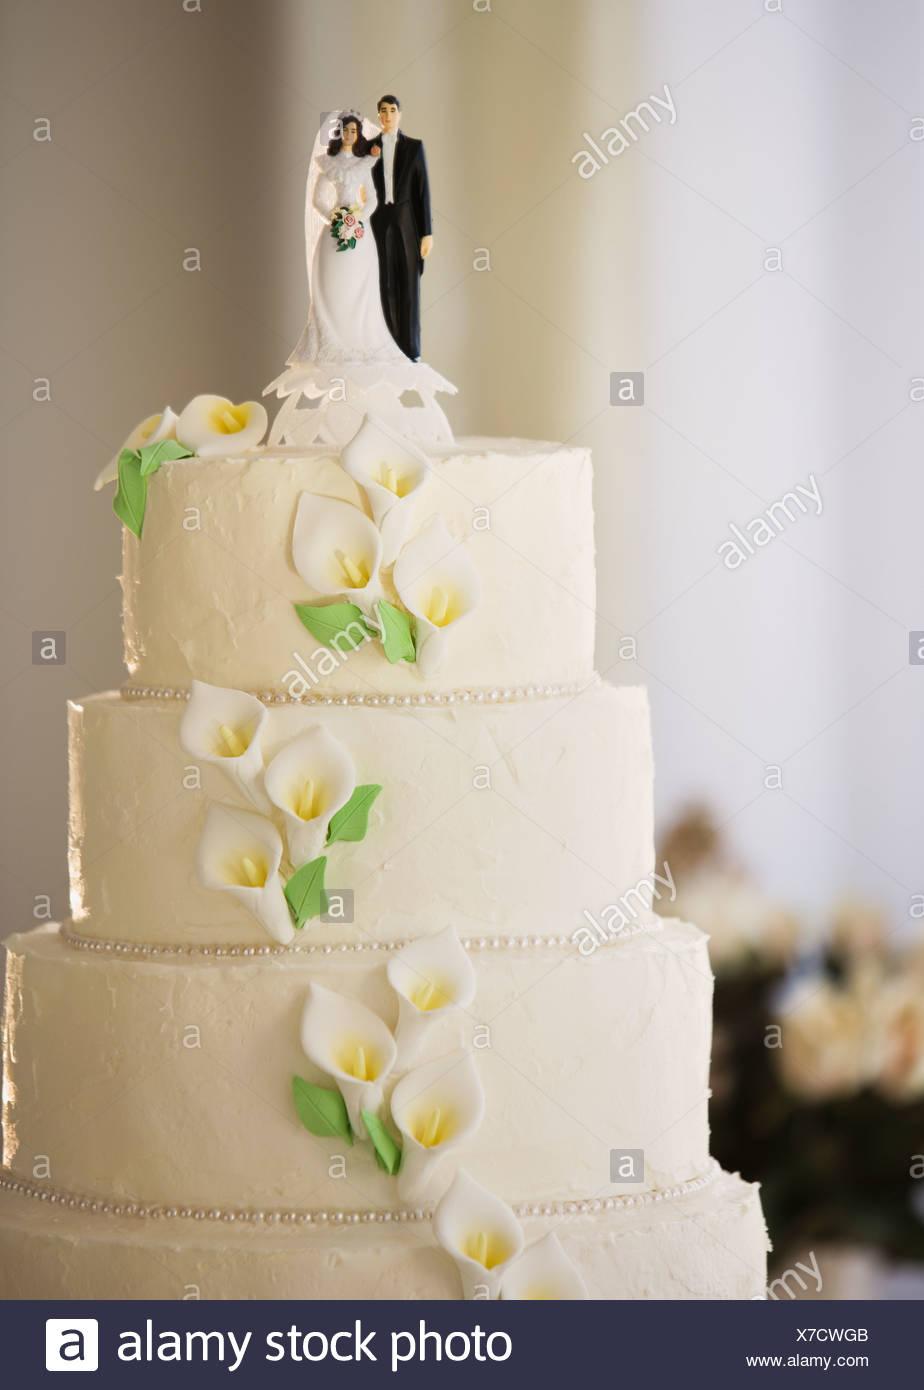 Hochzeitstorte Mit Brautpaar Figuren Stockfoto Bild 279951963 Alamy